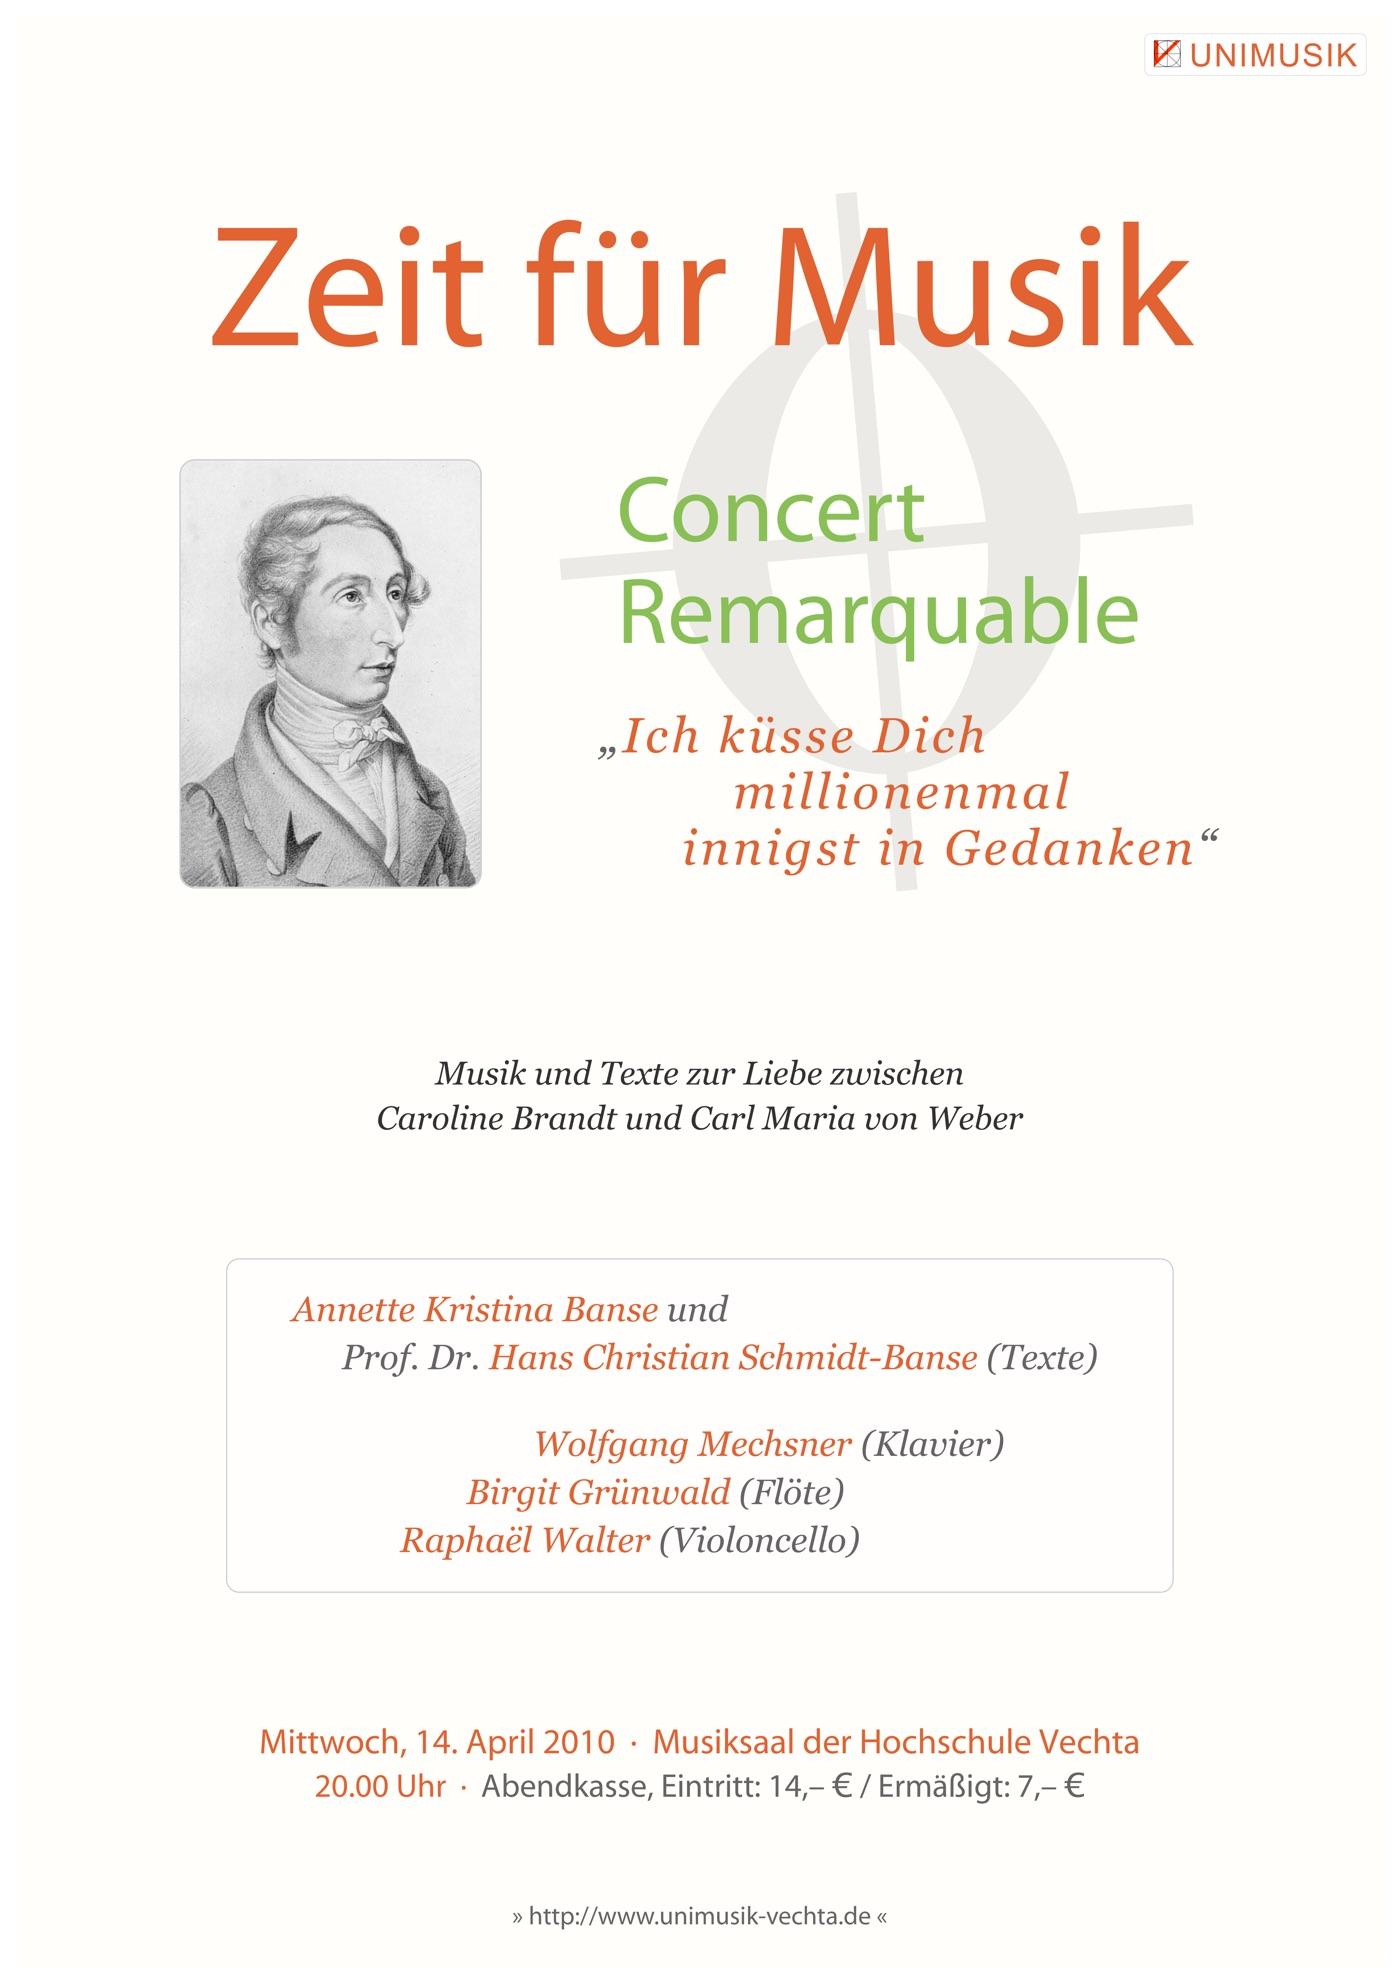 Conert Remarquable · Zeit für Musik